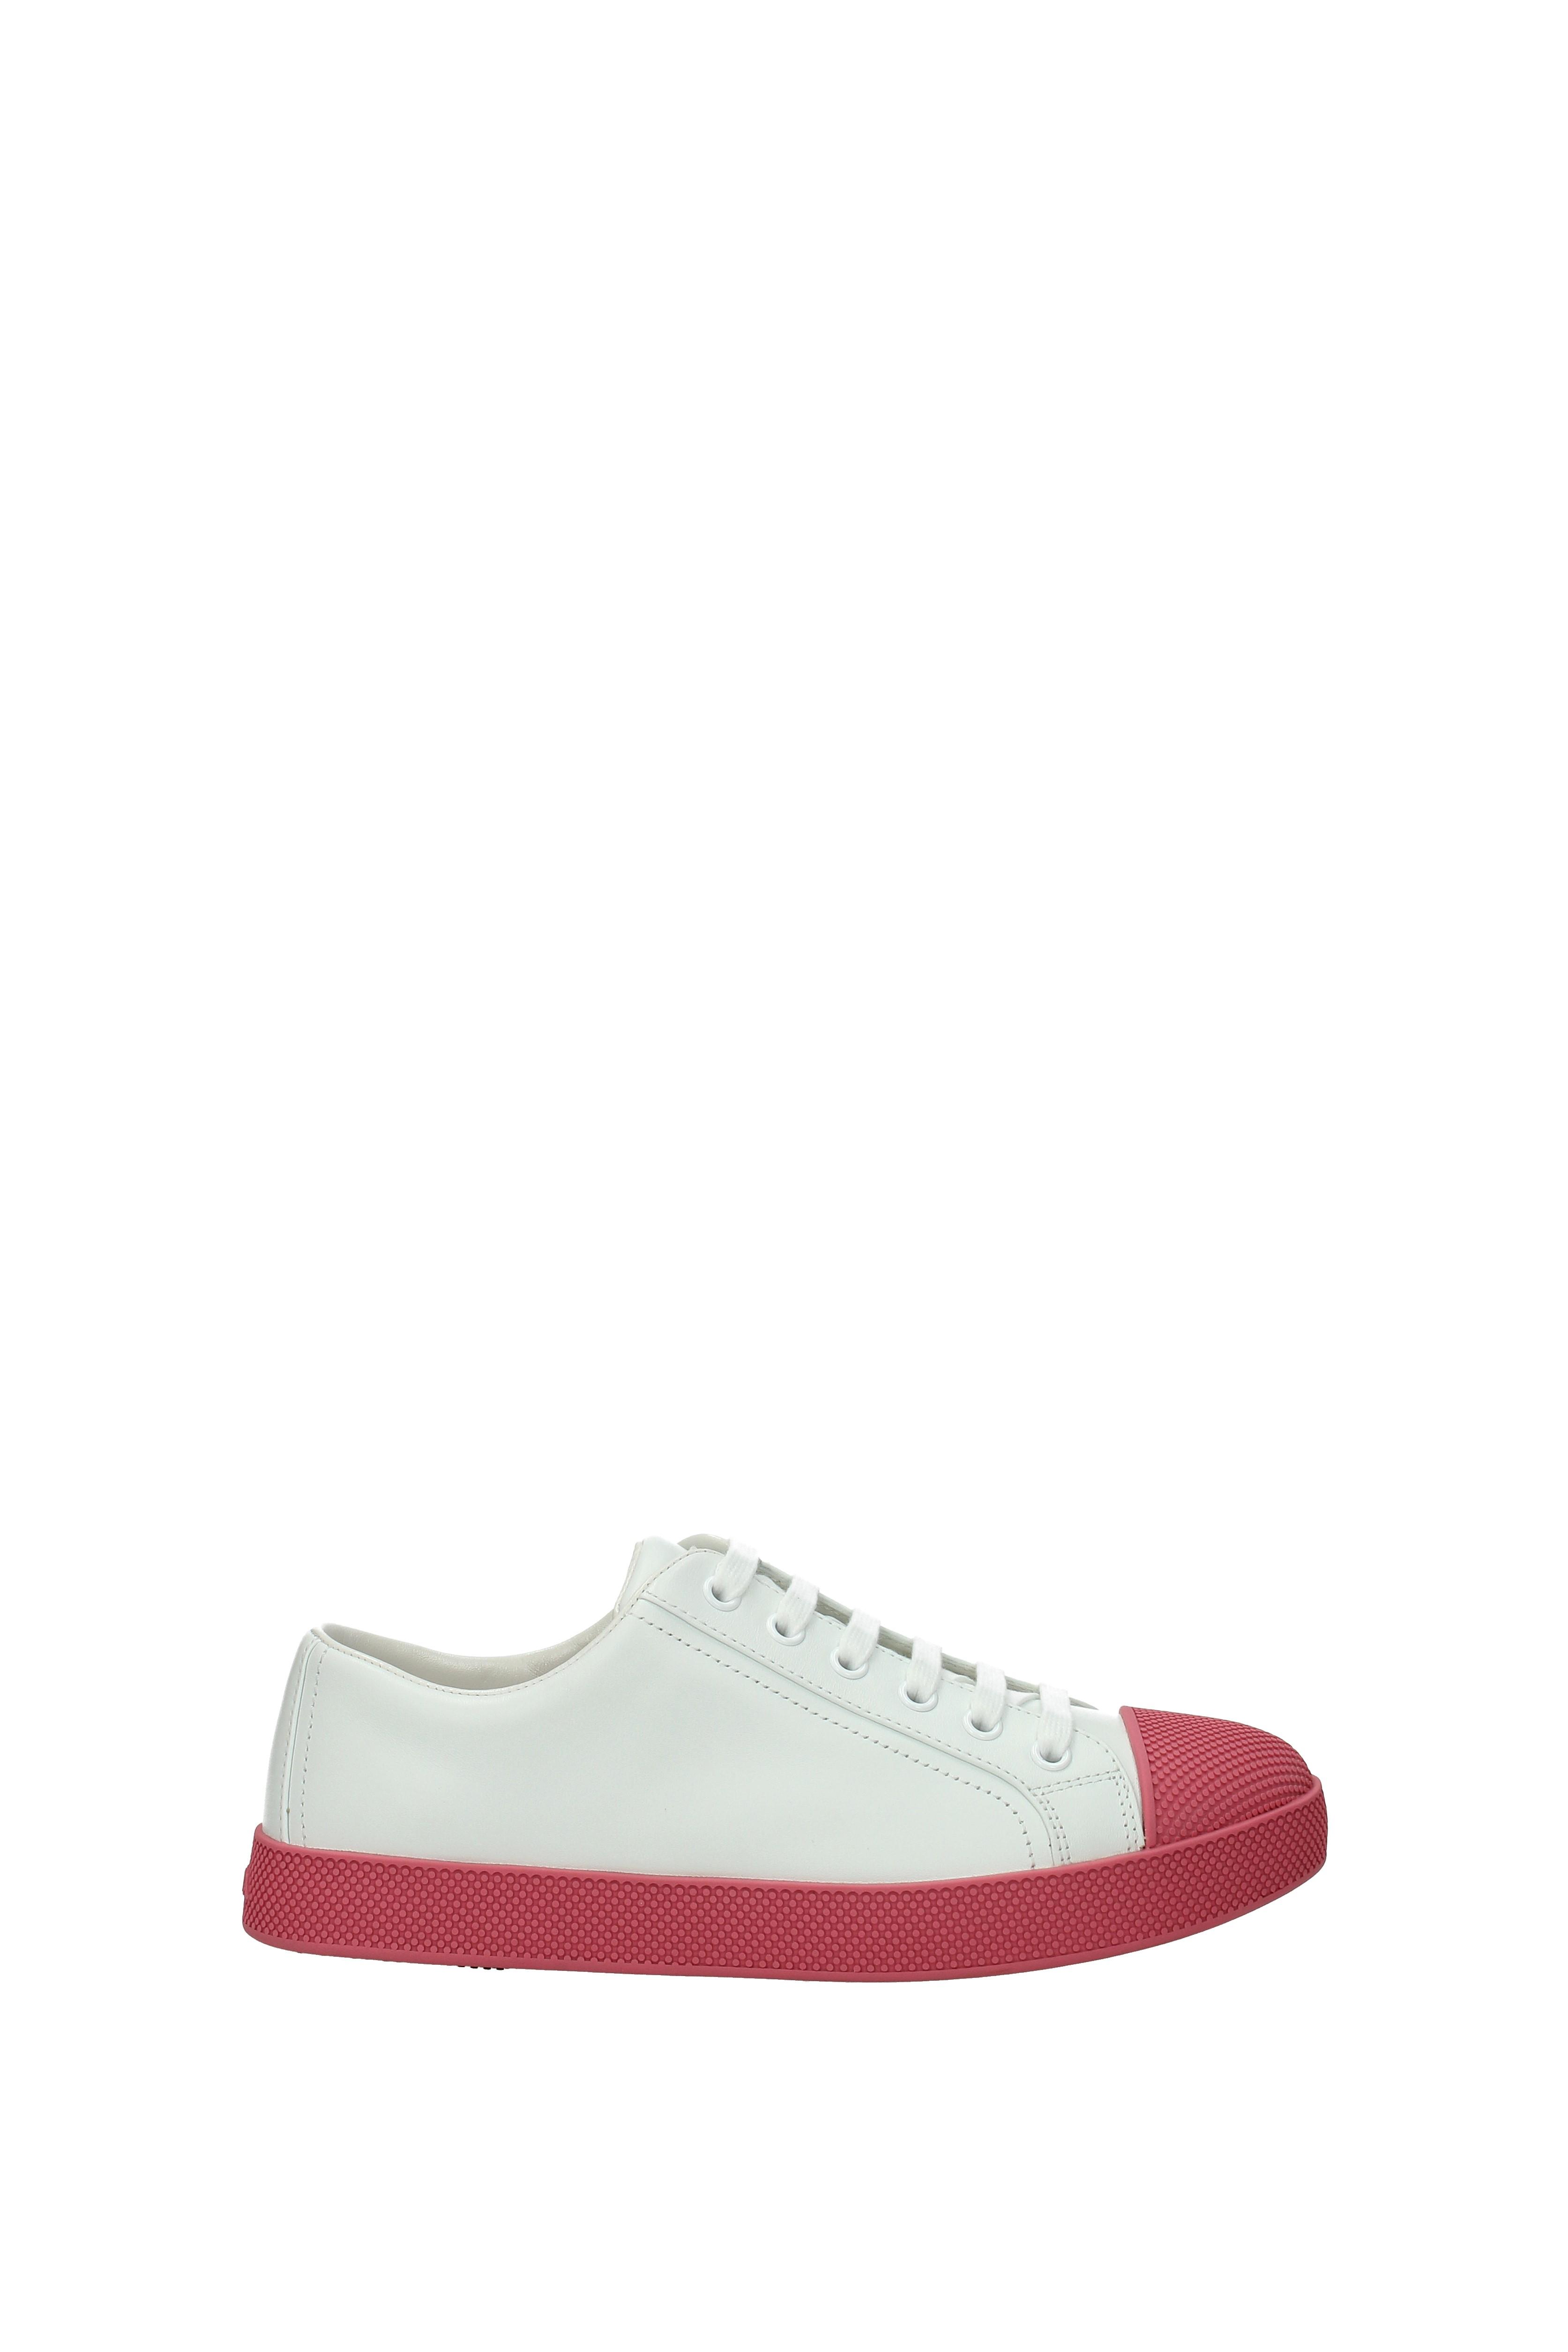 Sneakers Prada Prada Sneakers Damen - Leder (3E6202VITELLOSOFT3) c3a1ba